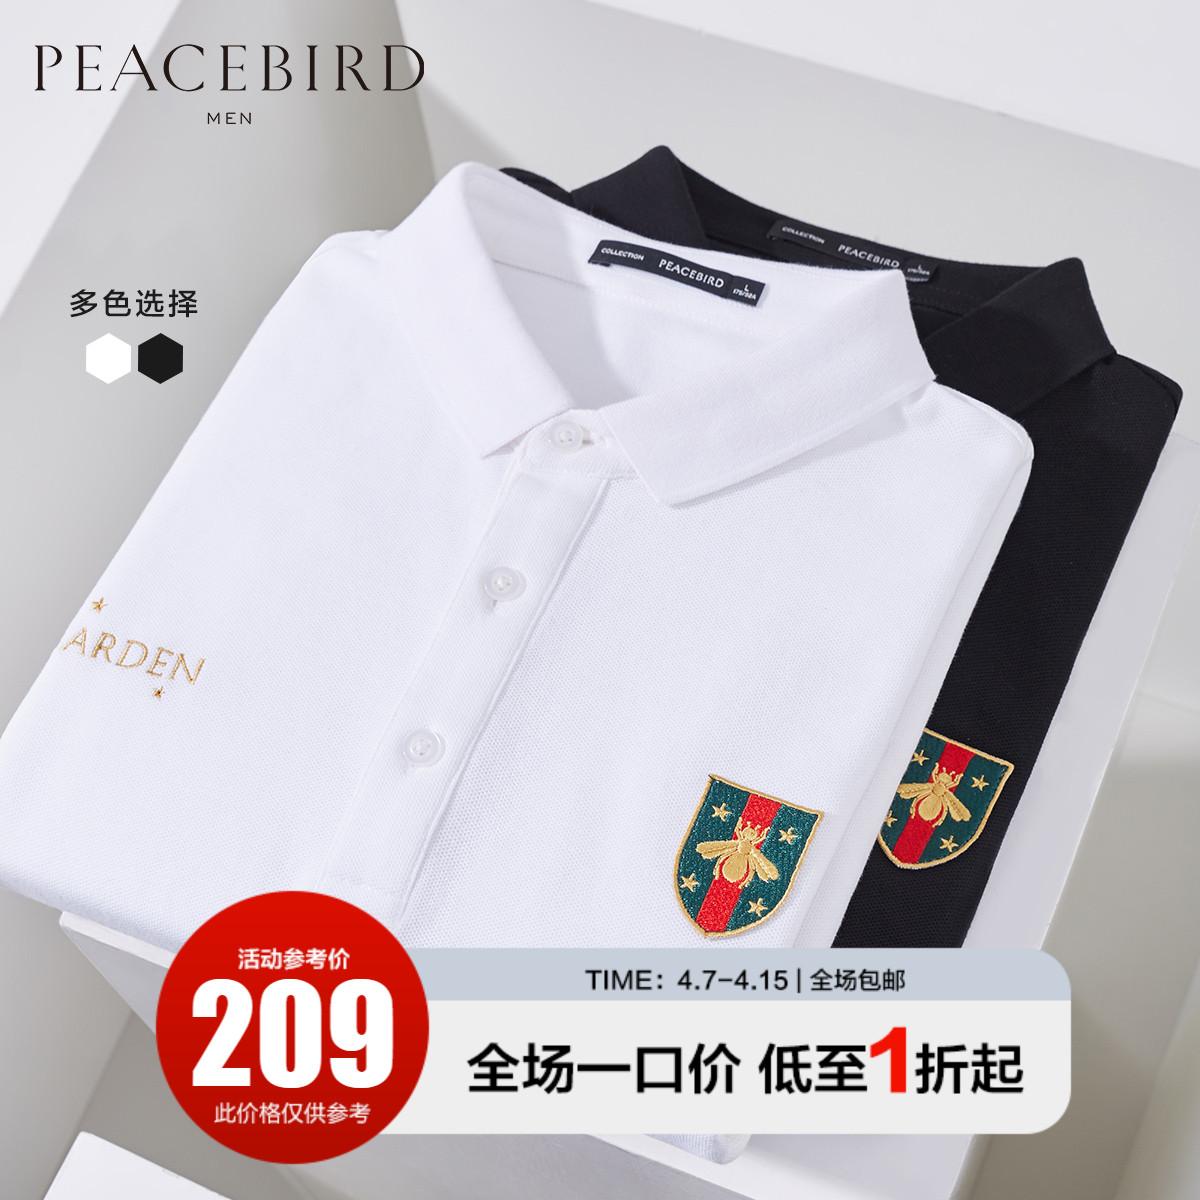 太平鸟男装奥莱 新款黑白双色刺绣贴布POLO恤翻领短袖T恤保罗衫潮